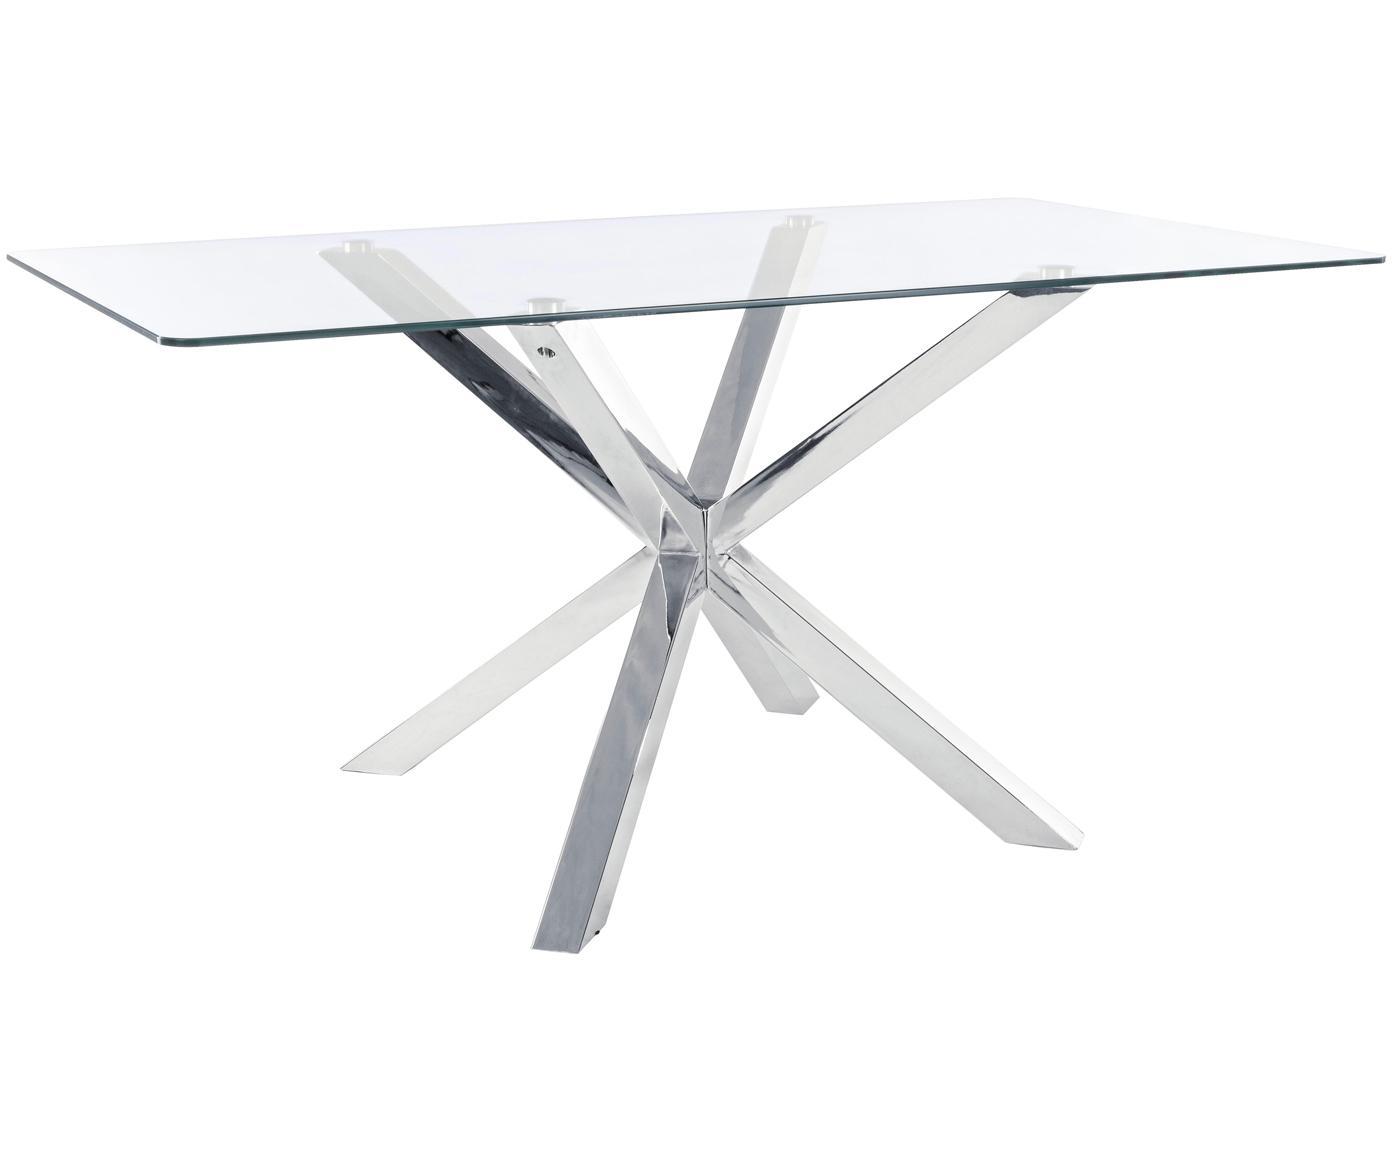 Tavolo con piano in vetro May, Piano d'appoggio: vetro, Gambe: acciaio inossidabile luci, Piano d'appoggio: trasparente Gambe: acciaio inossidabile, Larg. 160 x Prof. 90 cm